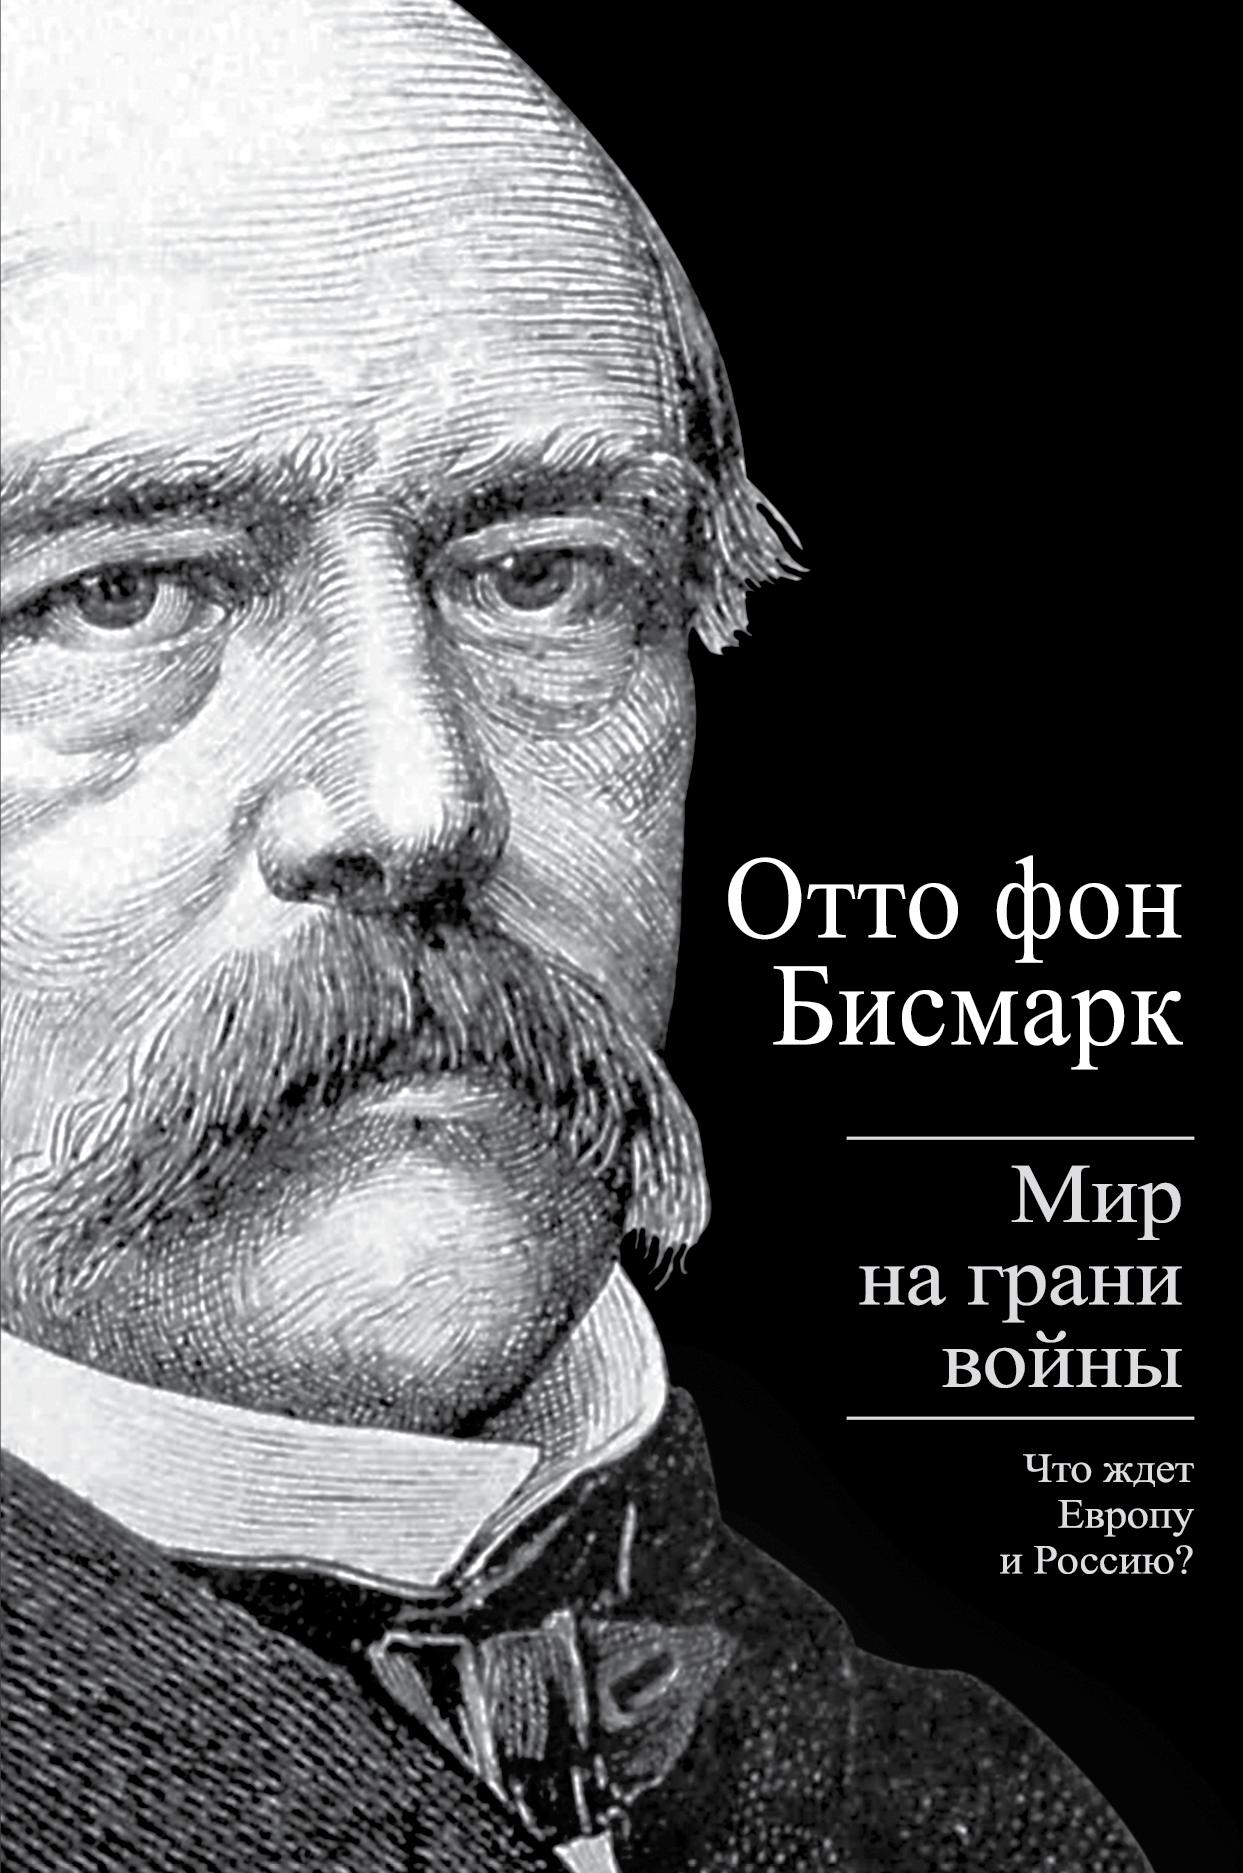 Бисмарк О. фон Мир на грани войны. Что ждет Европу и Россию? ISBN: 978-5-4438-0711-9